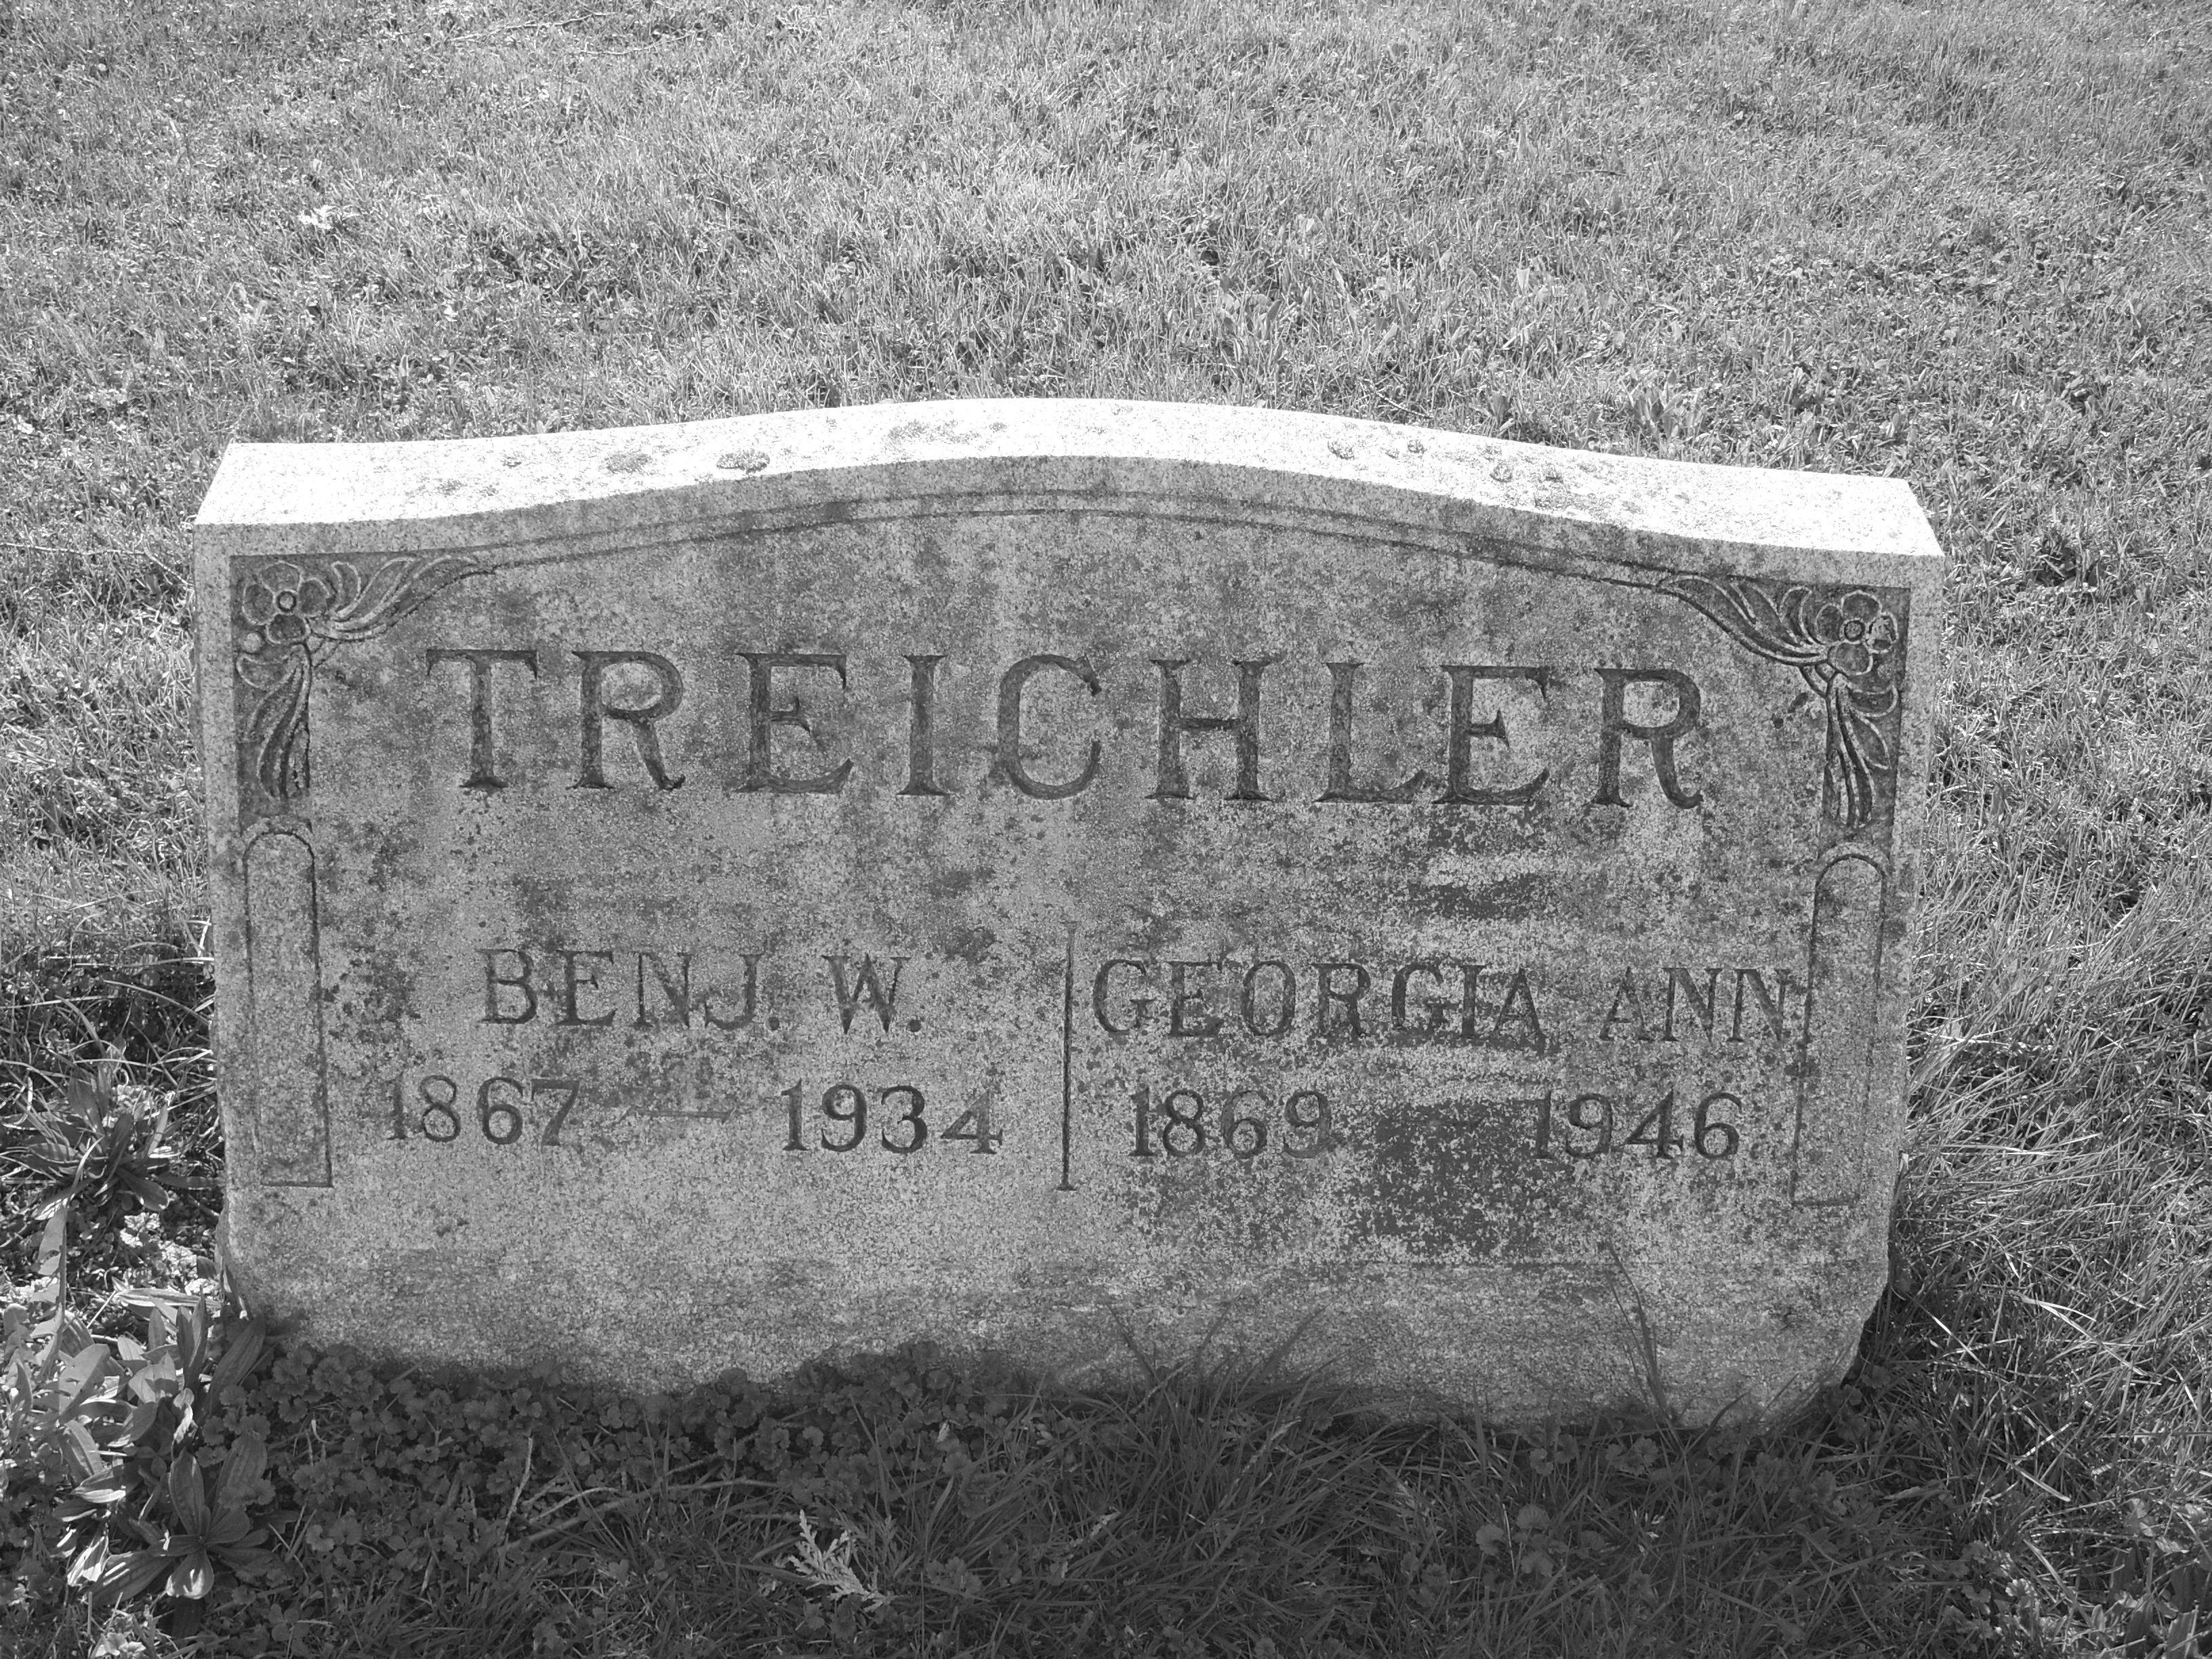 Walter Treichler